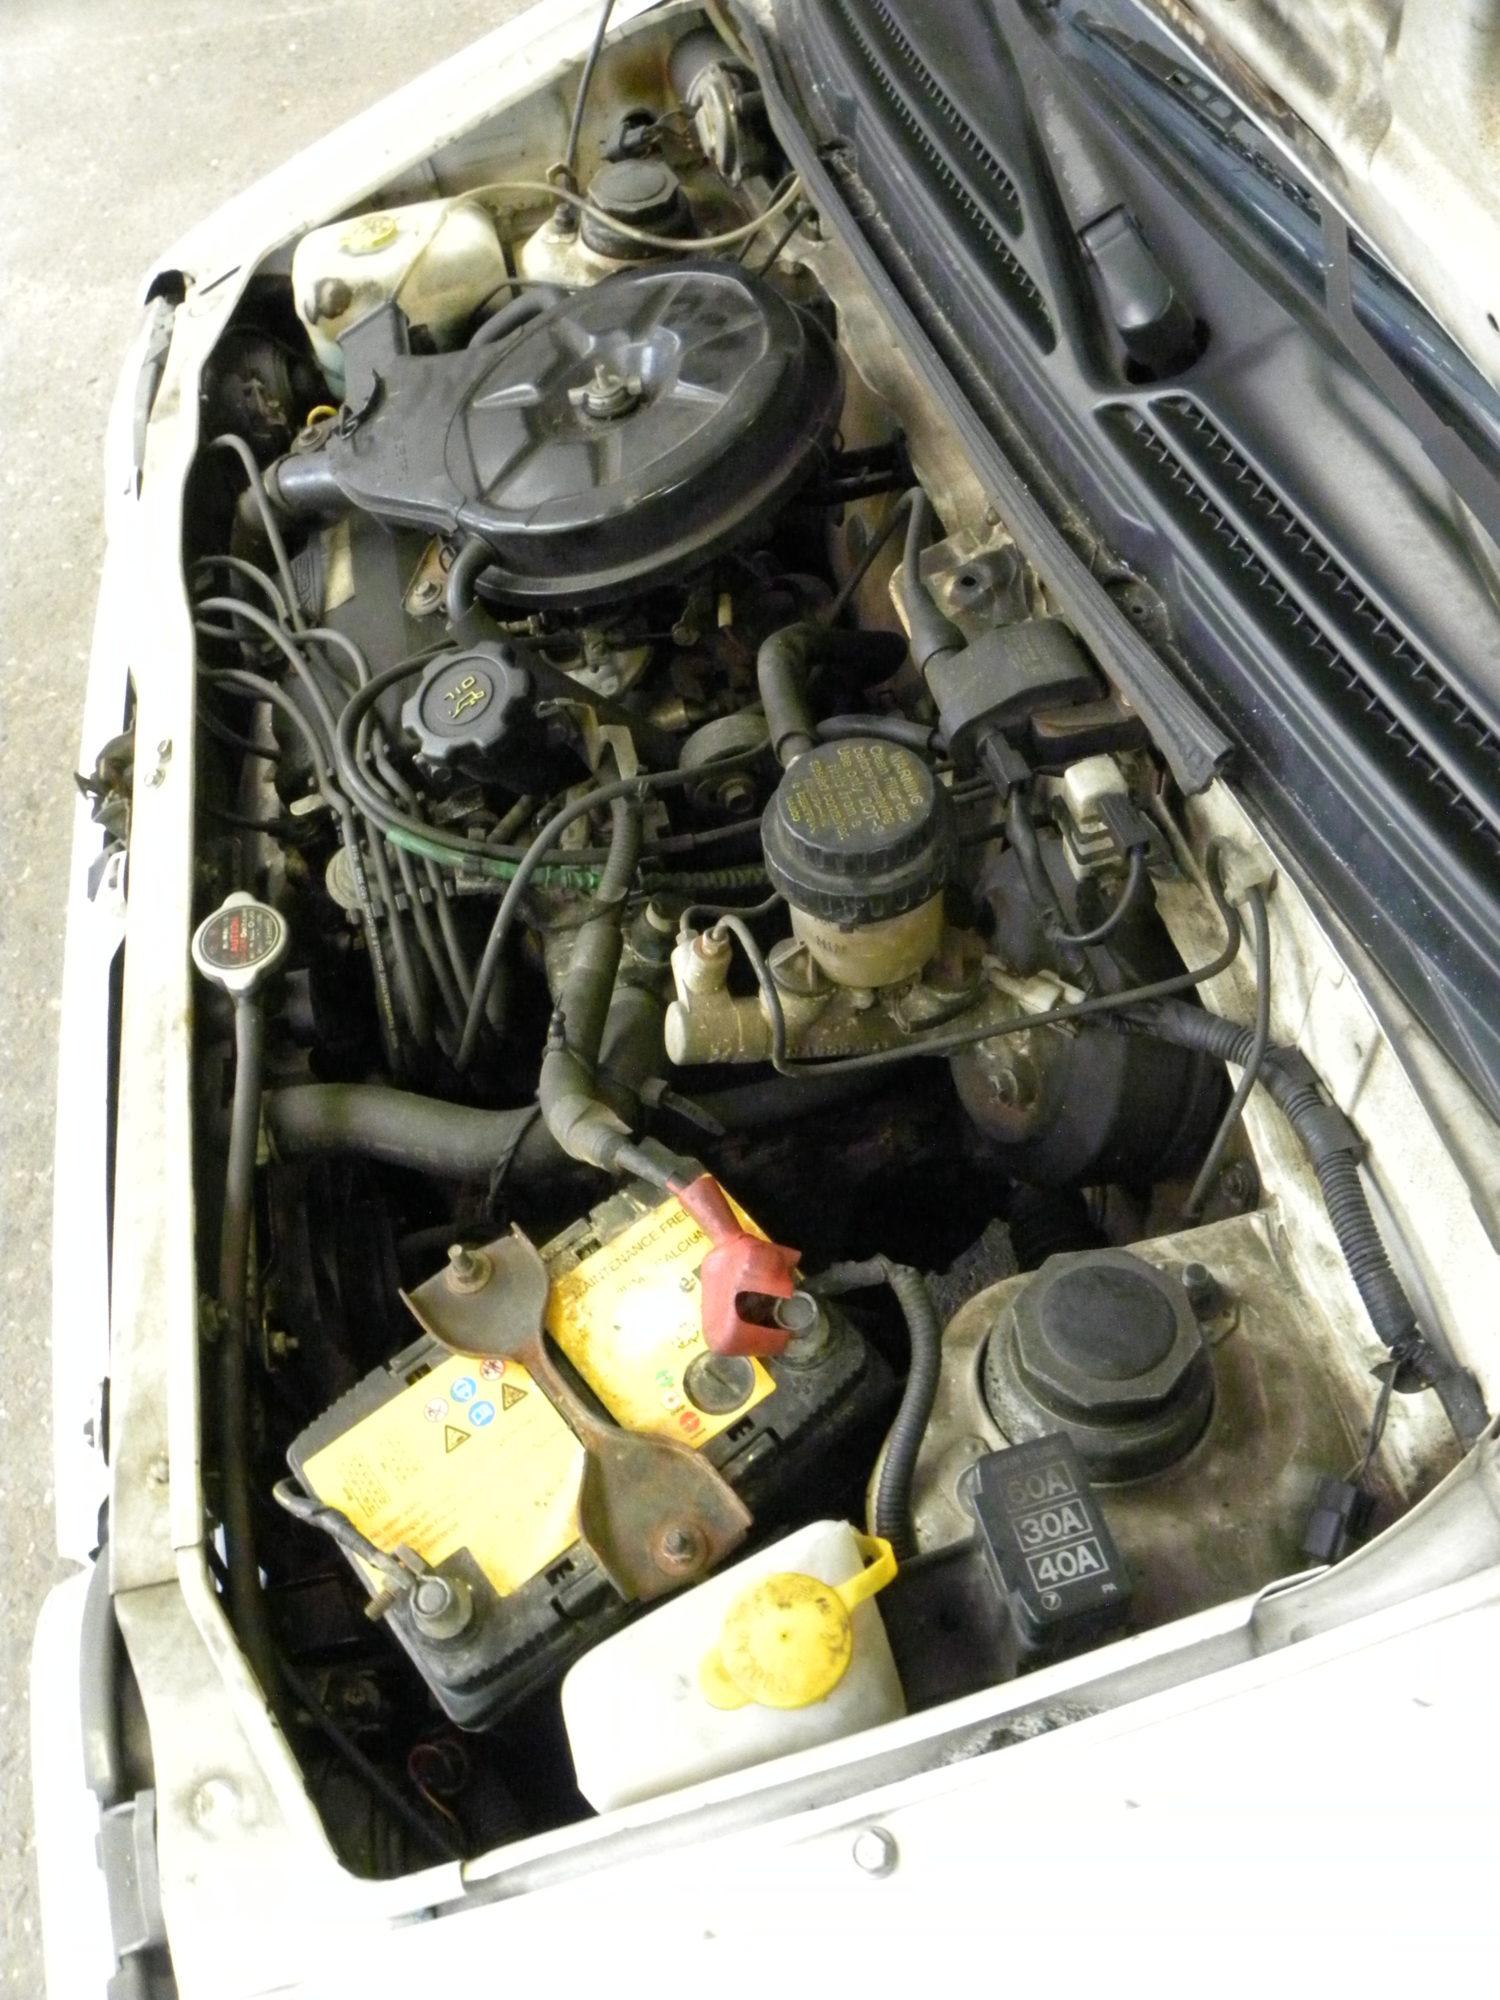 Subaru Mini Jumbo motor